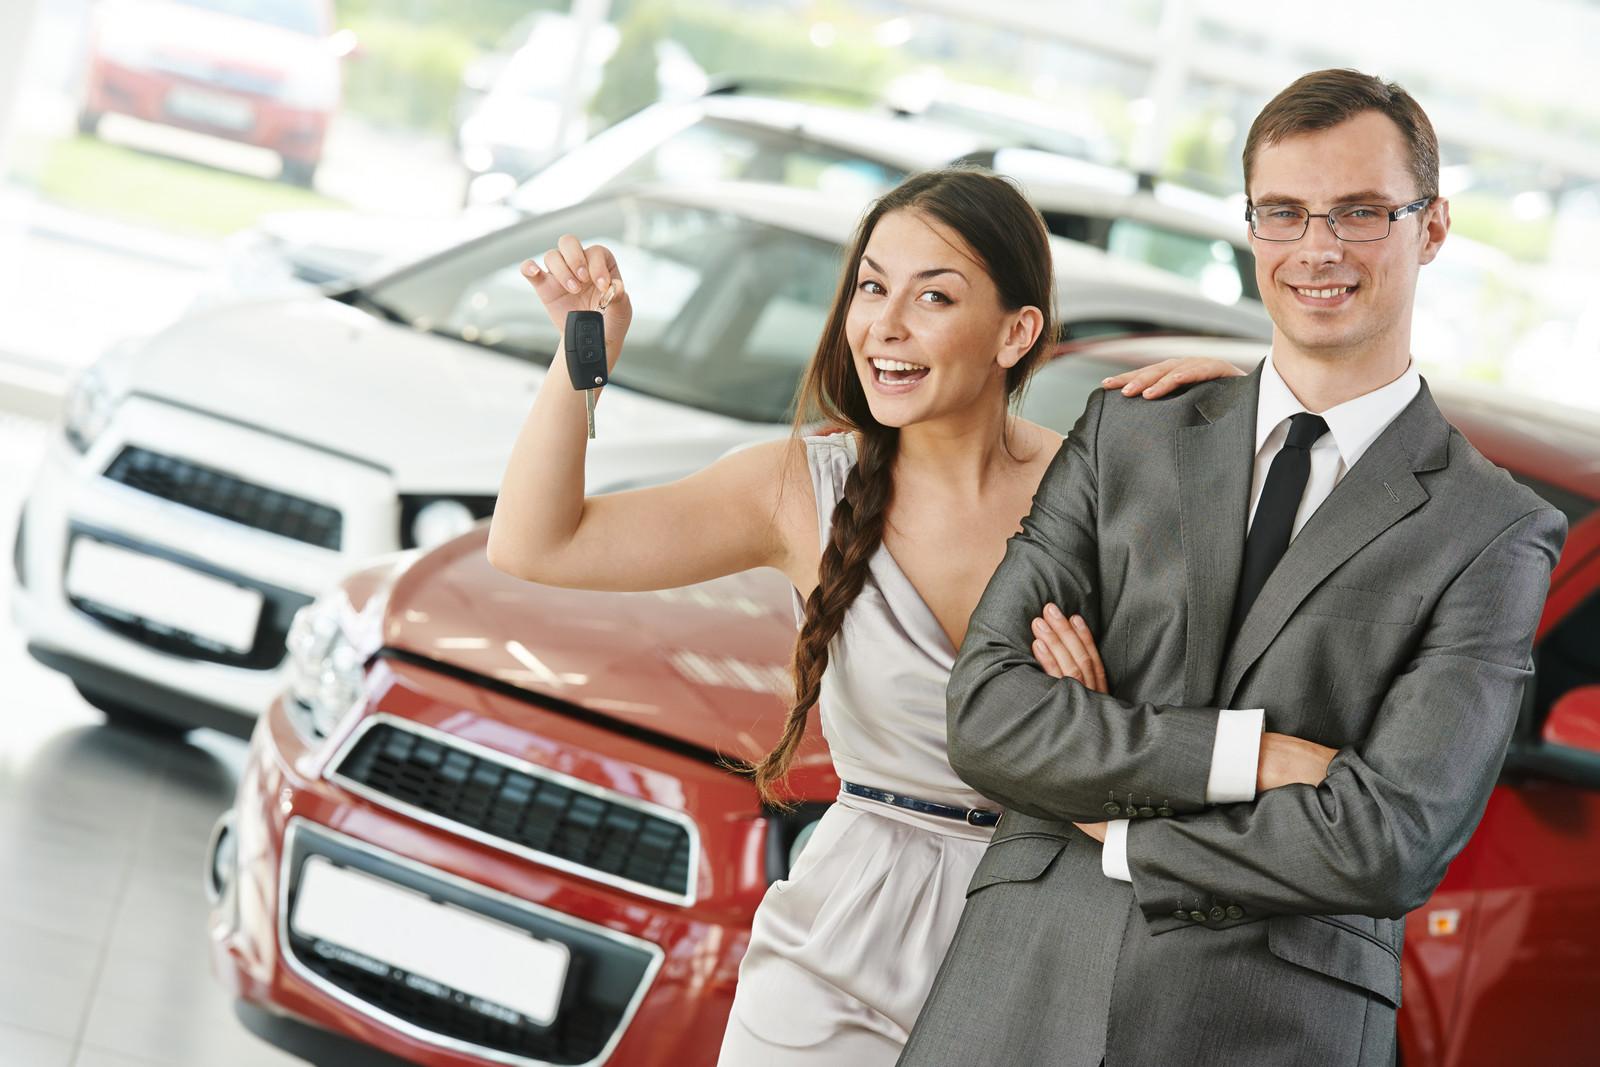 як взяти автомобіль в кредит?